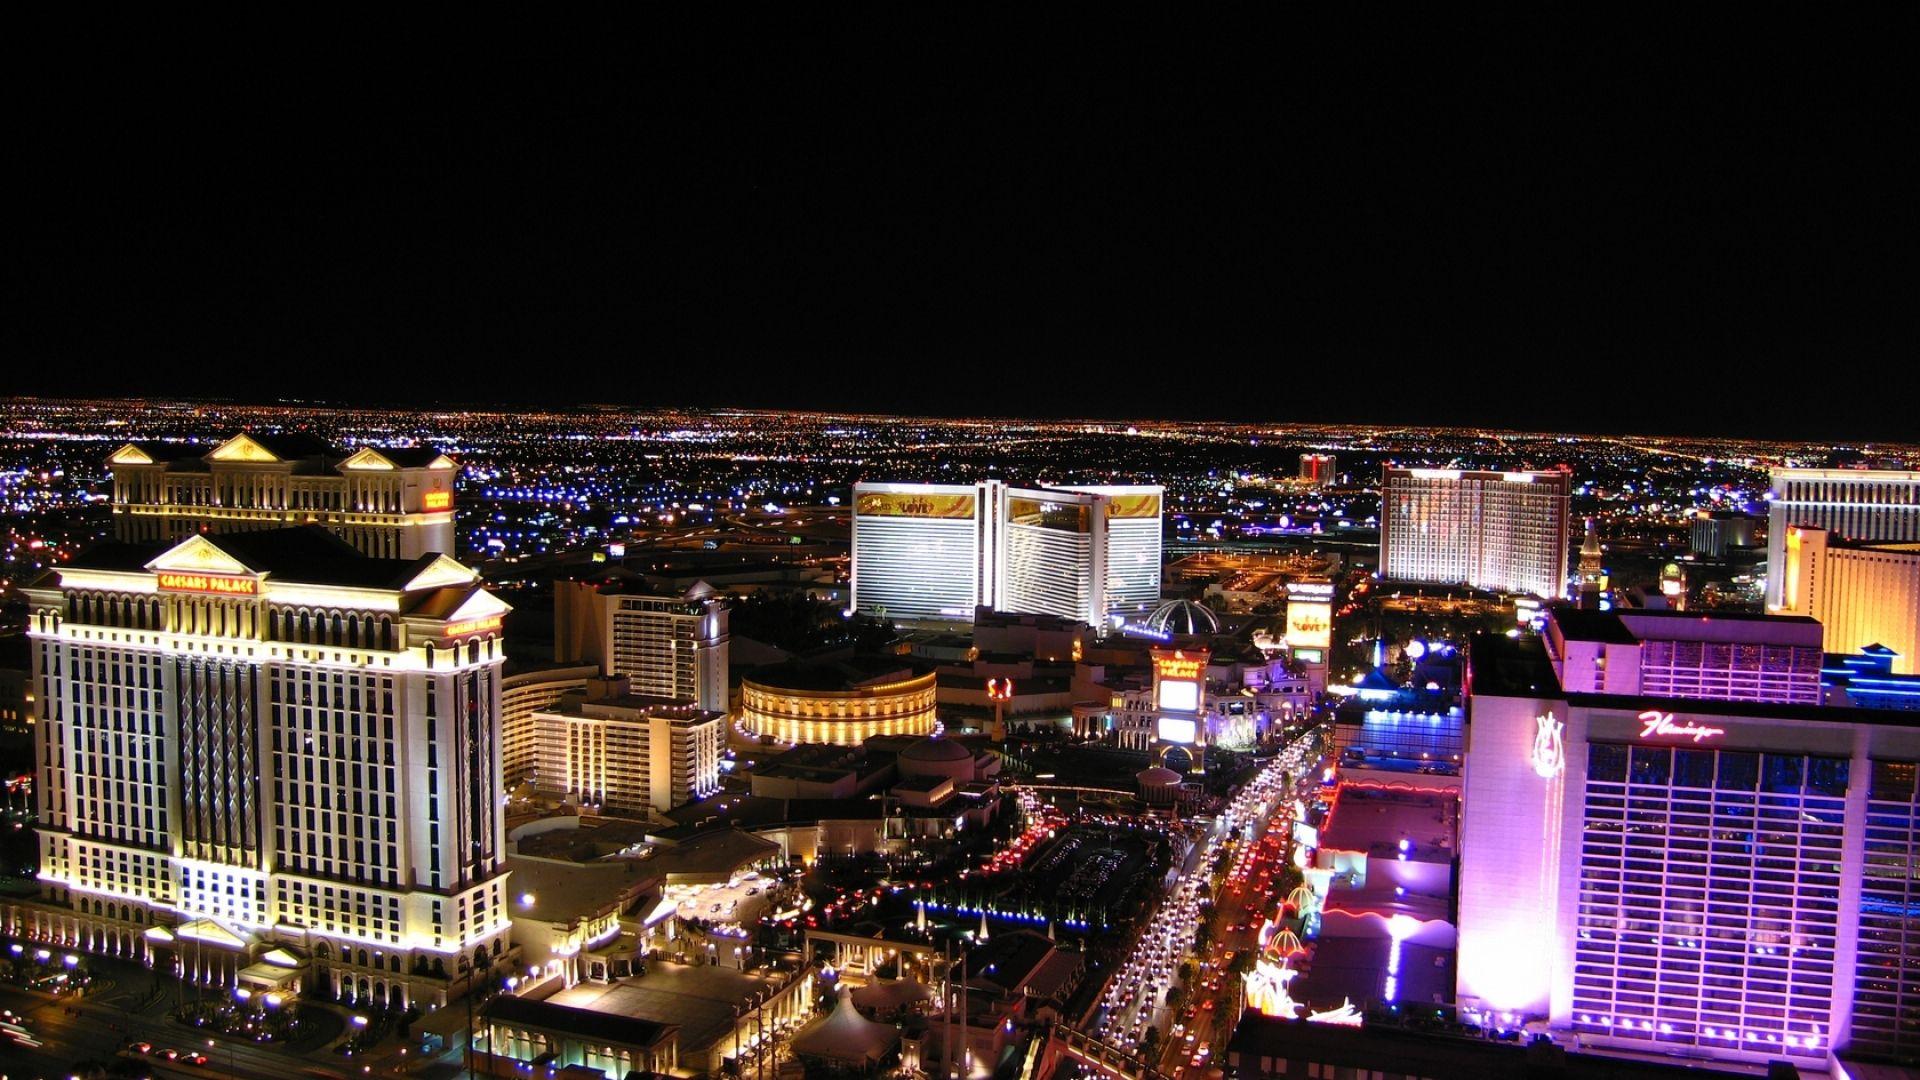 Vegas download nice wallpaper